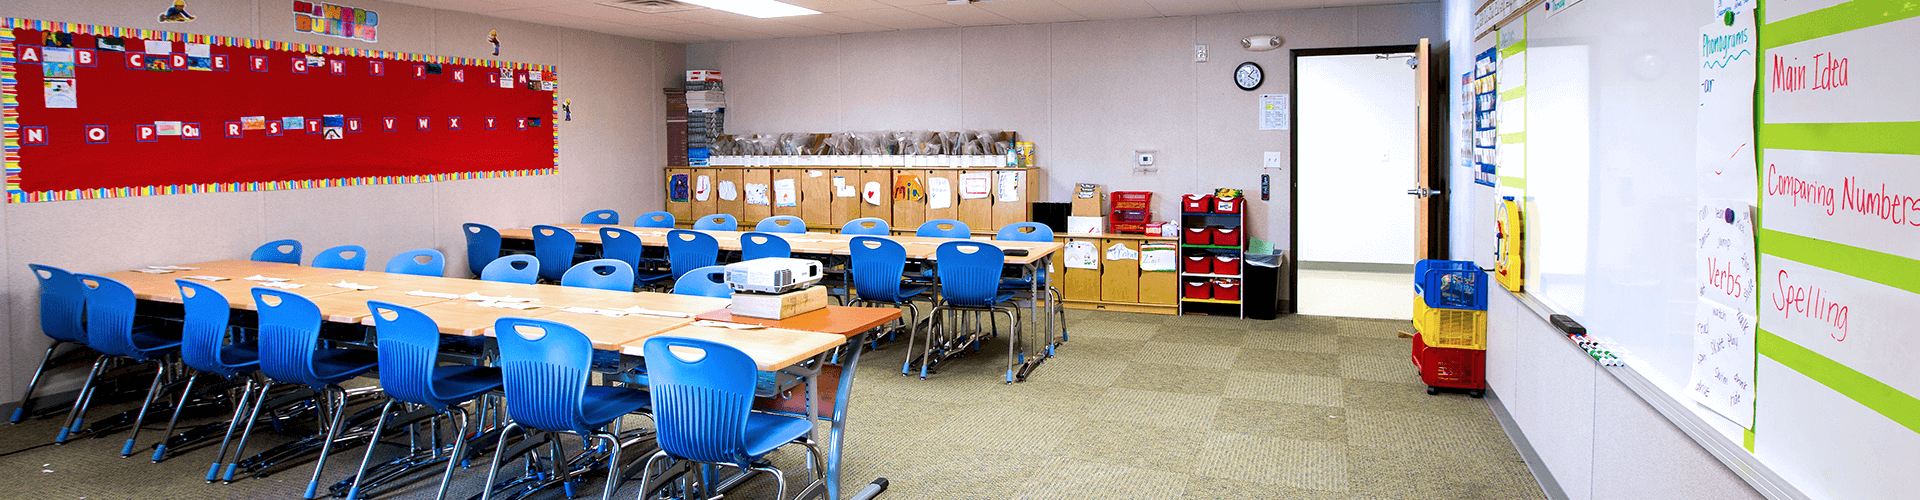 Cho thuê phòng dạy học quận 4 theo giờ